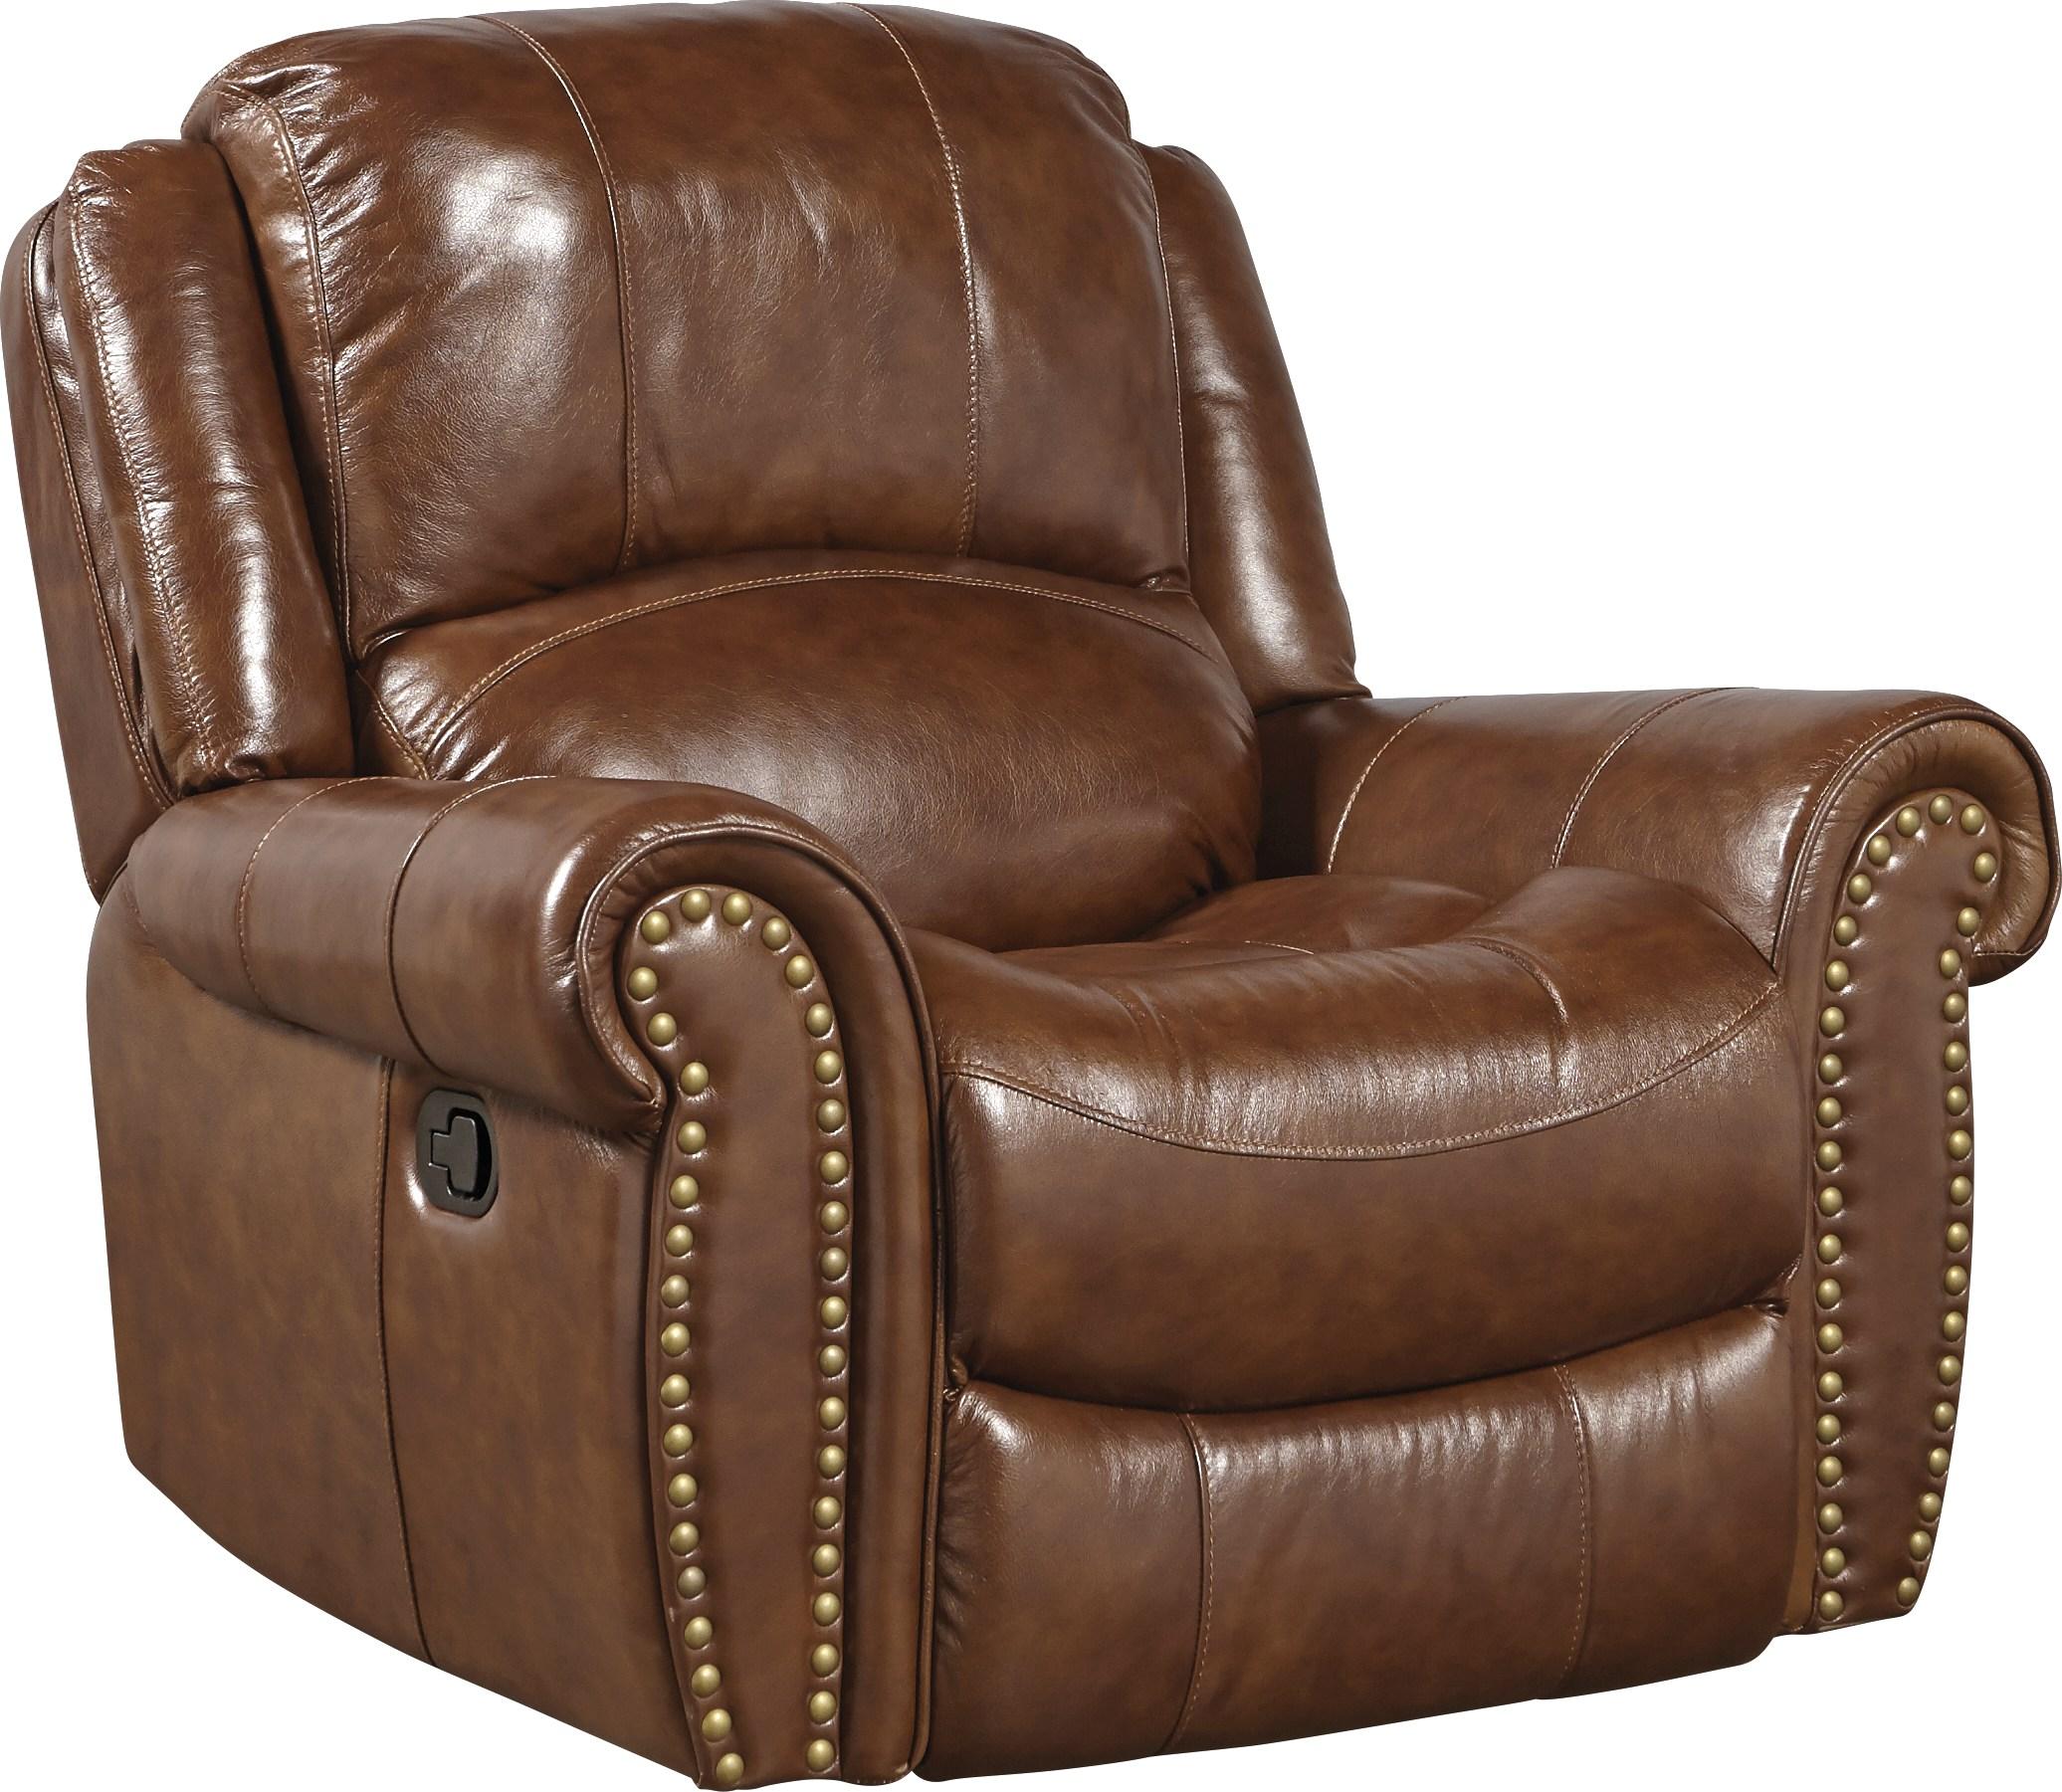 Abruzzo Brown Leather Glider Recliner